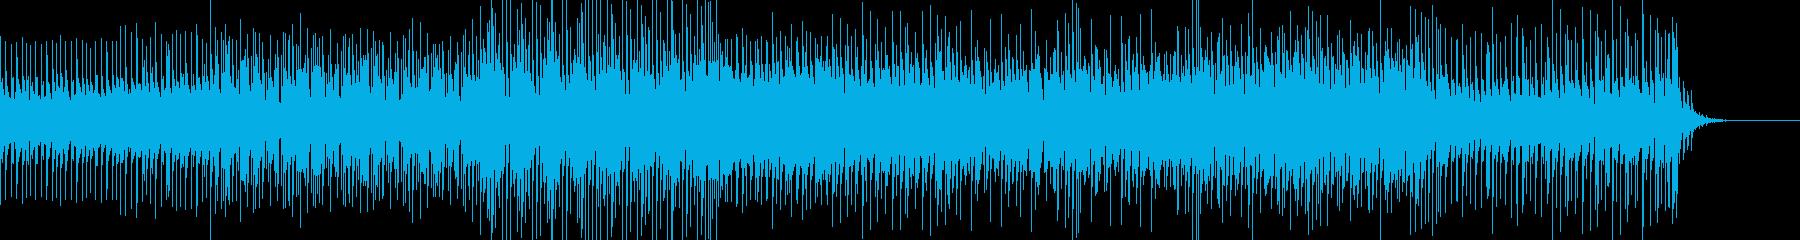 清涼感と小気味よいリズムが印象的なBGMの再生済みの波形